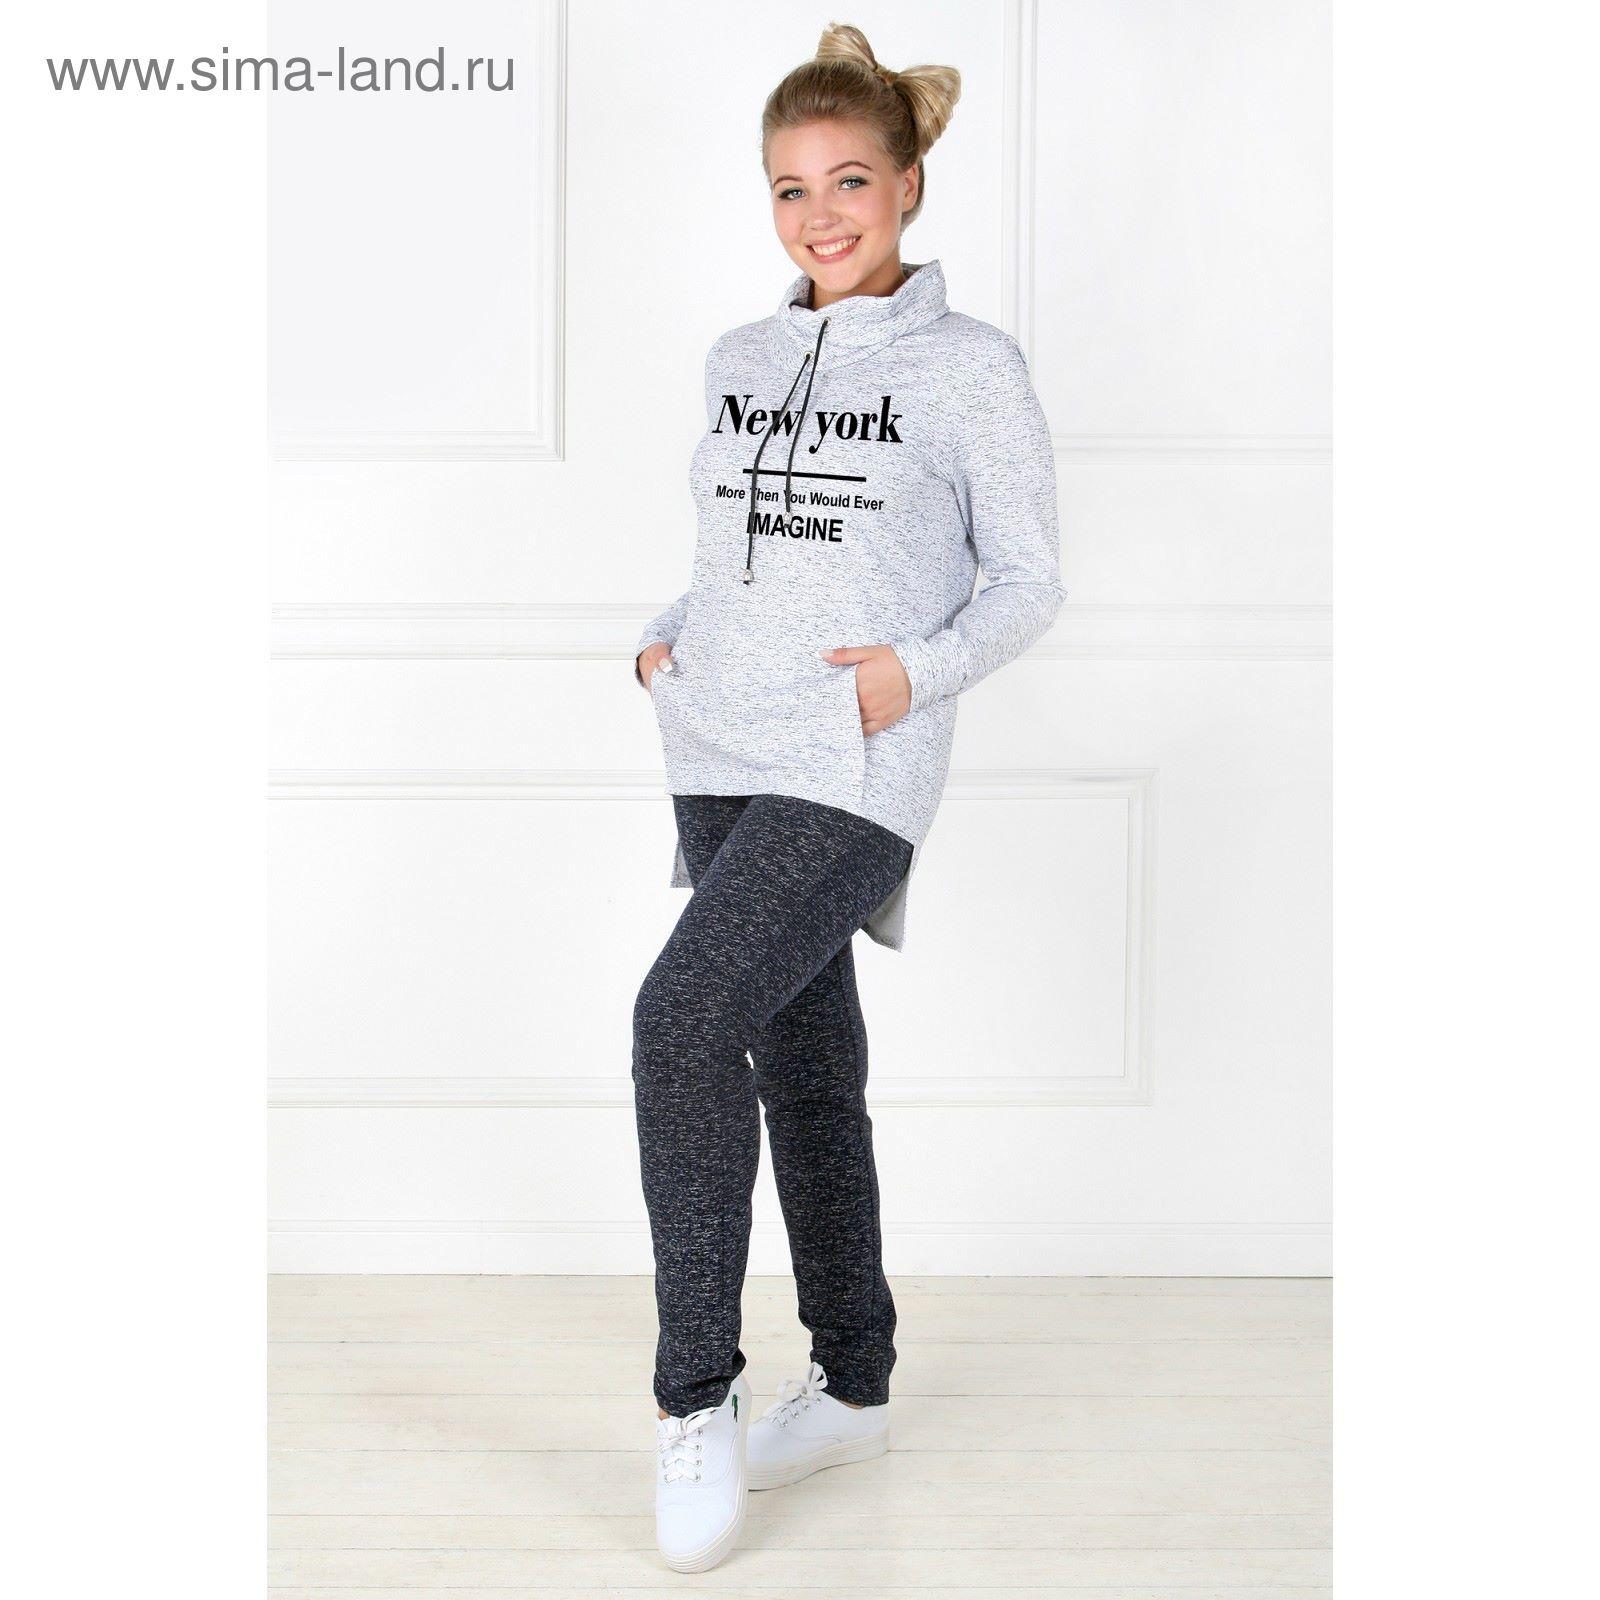 850632df2116 Костюм женский Буквы белый, р-р 40 (1636800) - Купить по цене от ...